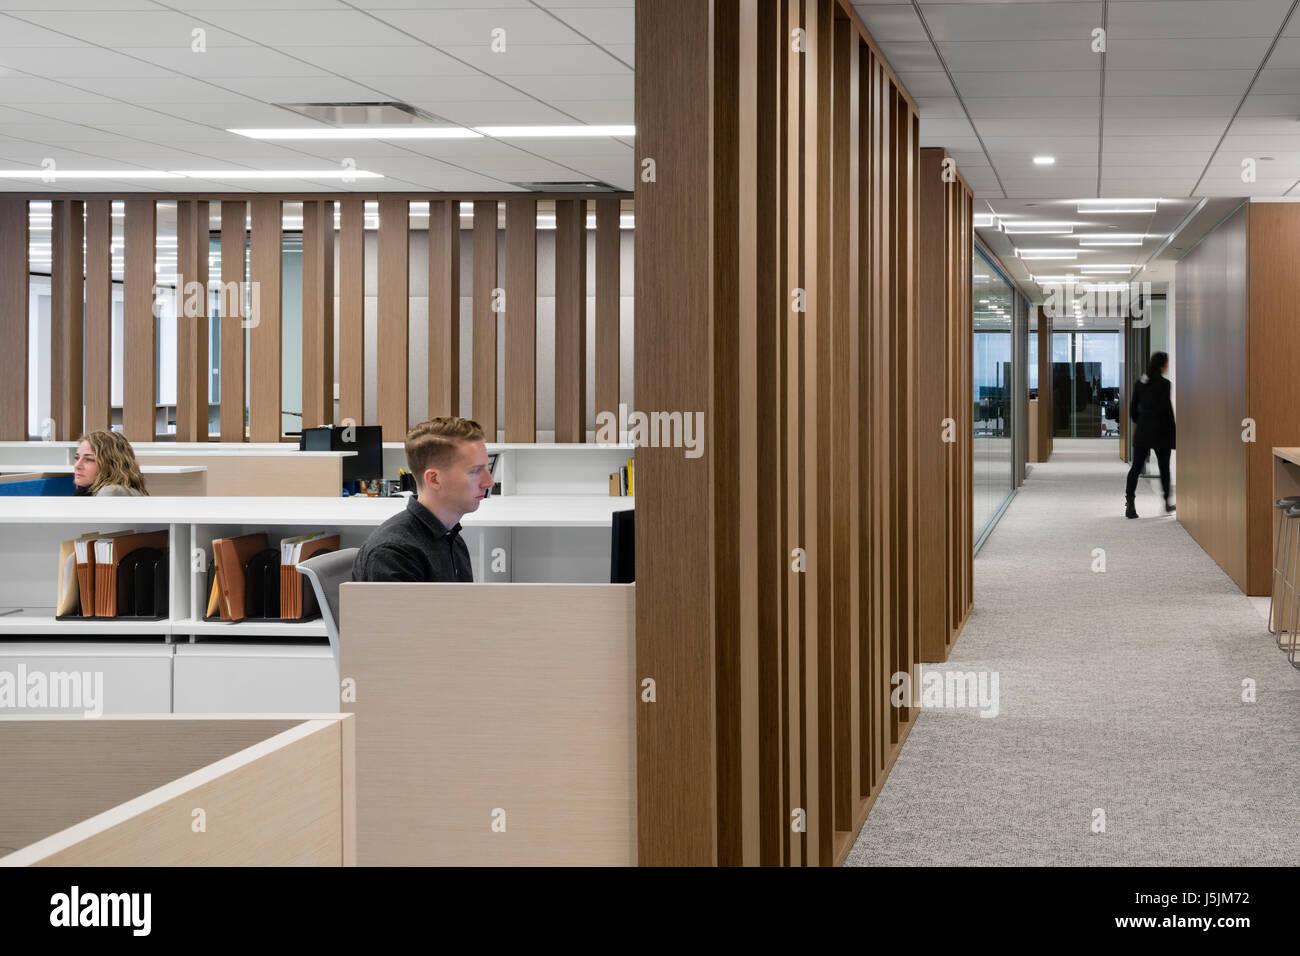 Mitarbeiter An Ihrem Arbeitsplatz Geteilt Durch Holz Sichtschutz